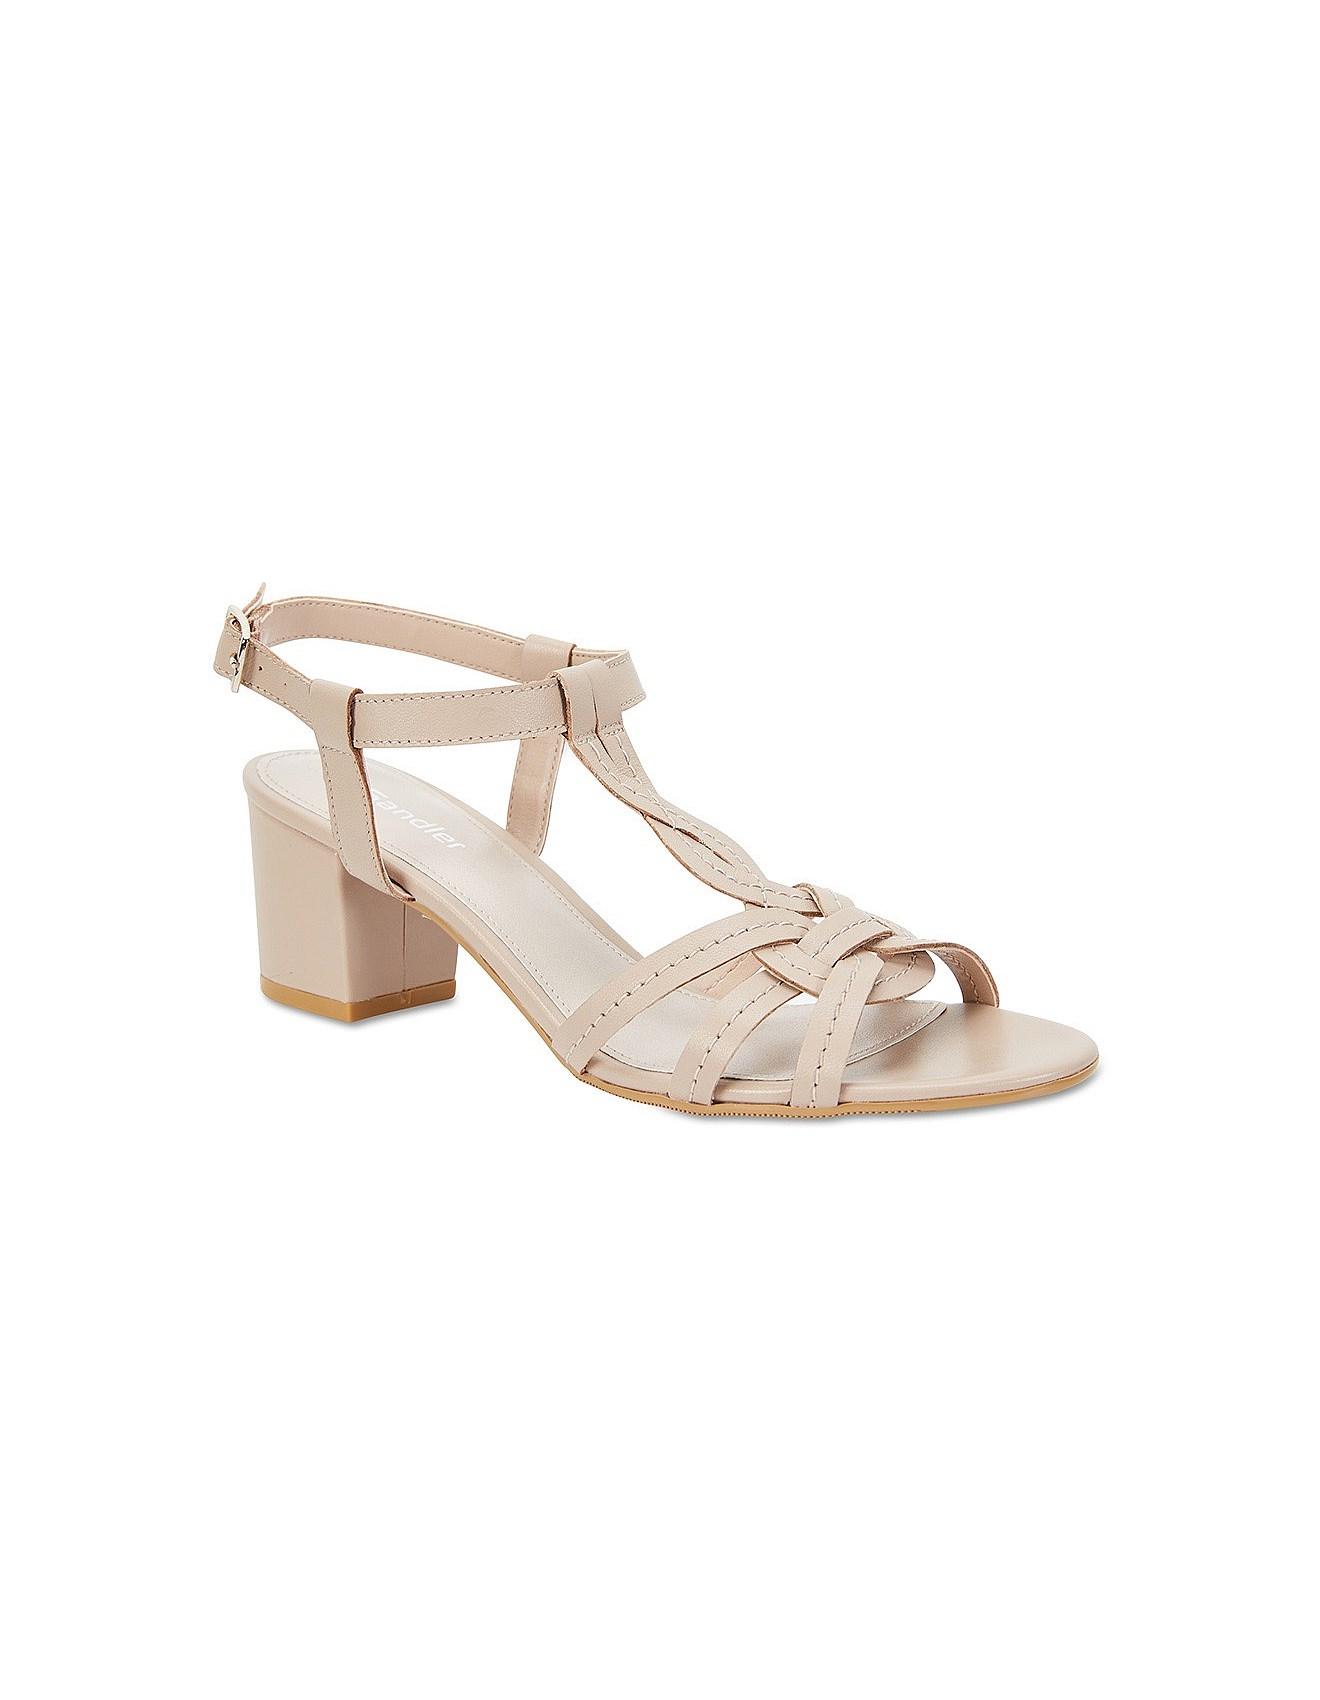 Shoes Thongs | David Jones - Avenue Sandal